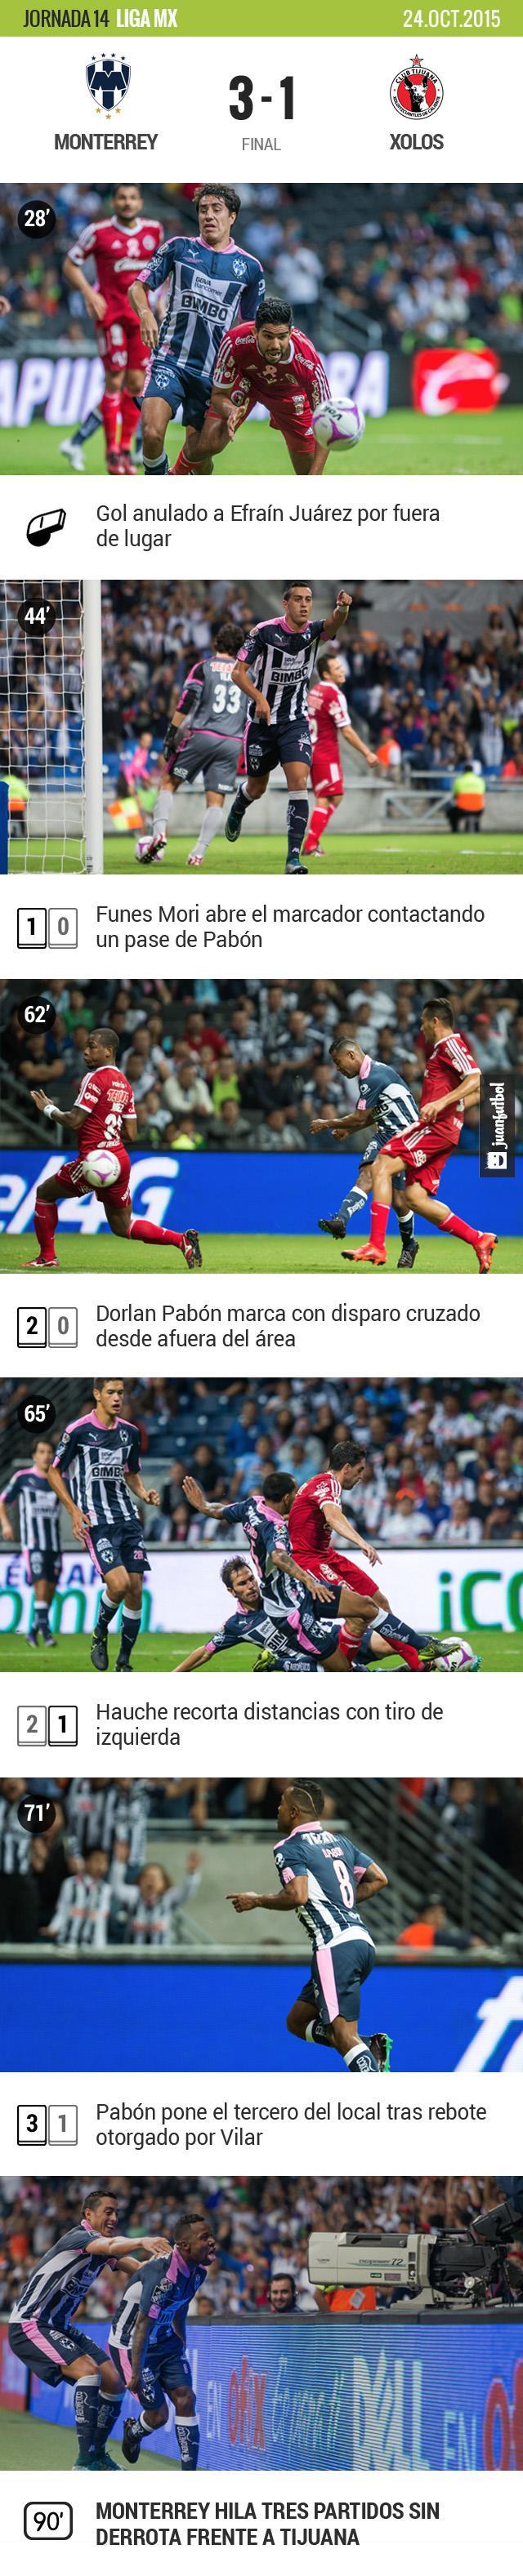 Monterrey derrotó a Xolos con una buena actuación de Dorlan Pabón